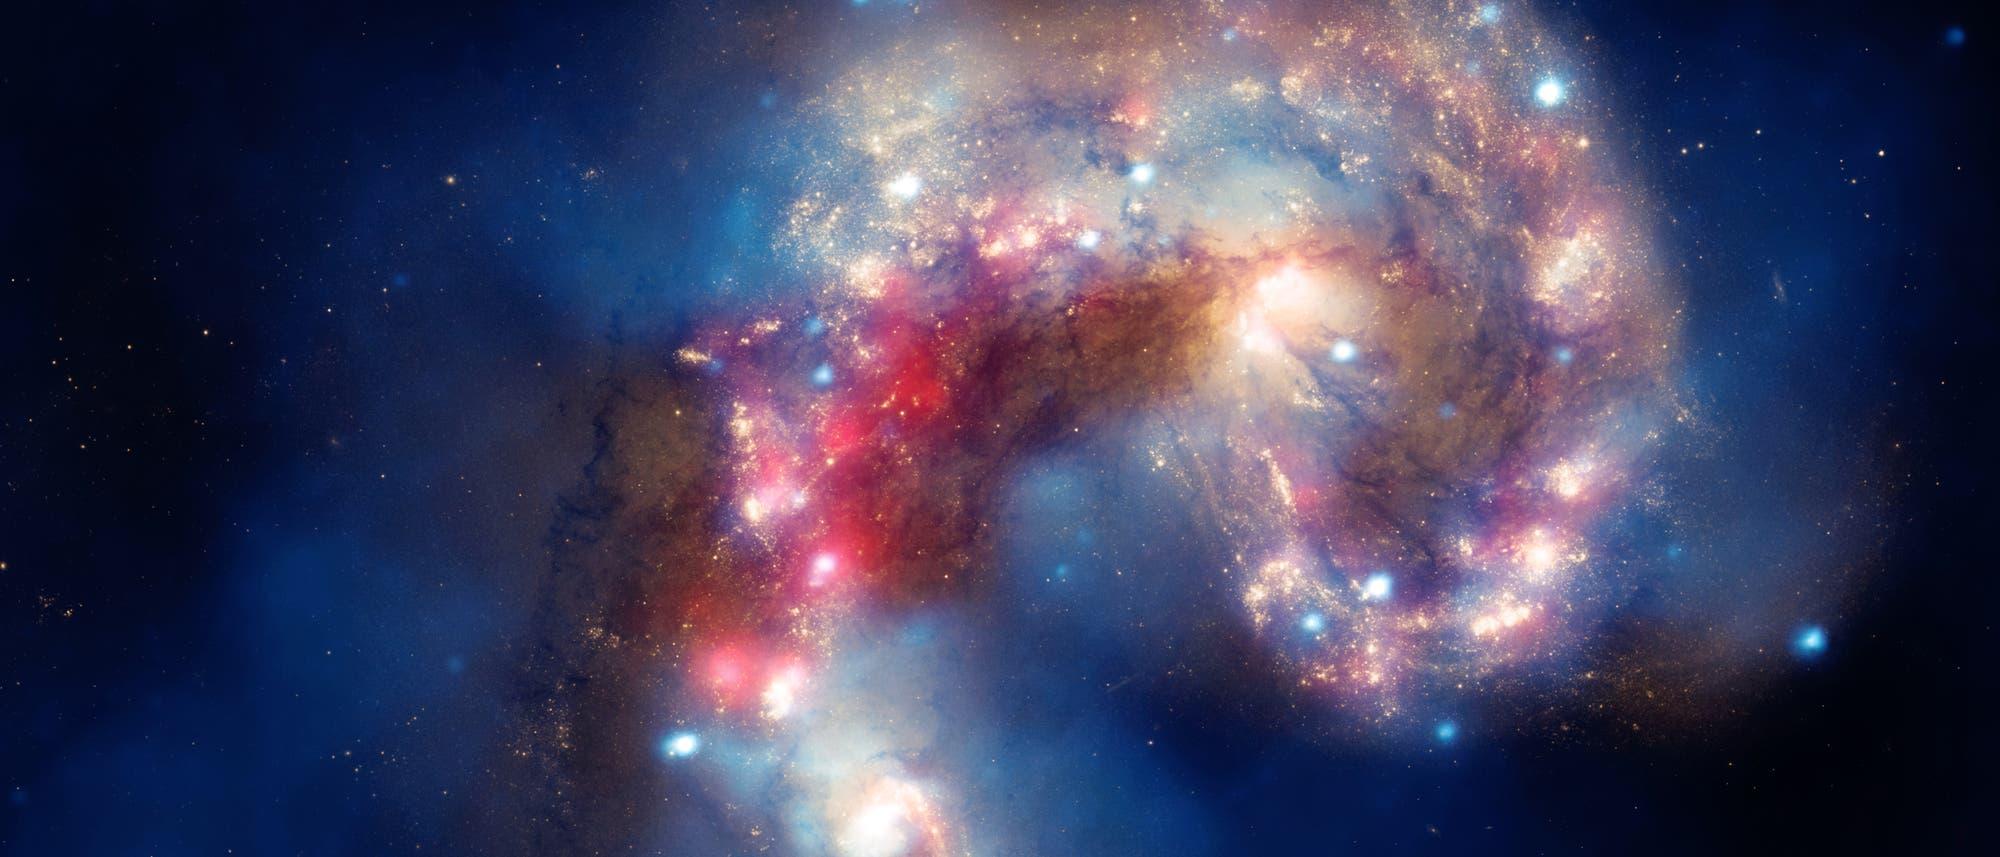 Die Antennen-Galaxien NGC 4038 (links) und NGC 4039 (rechts)